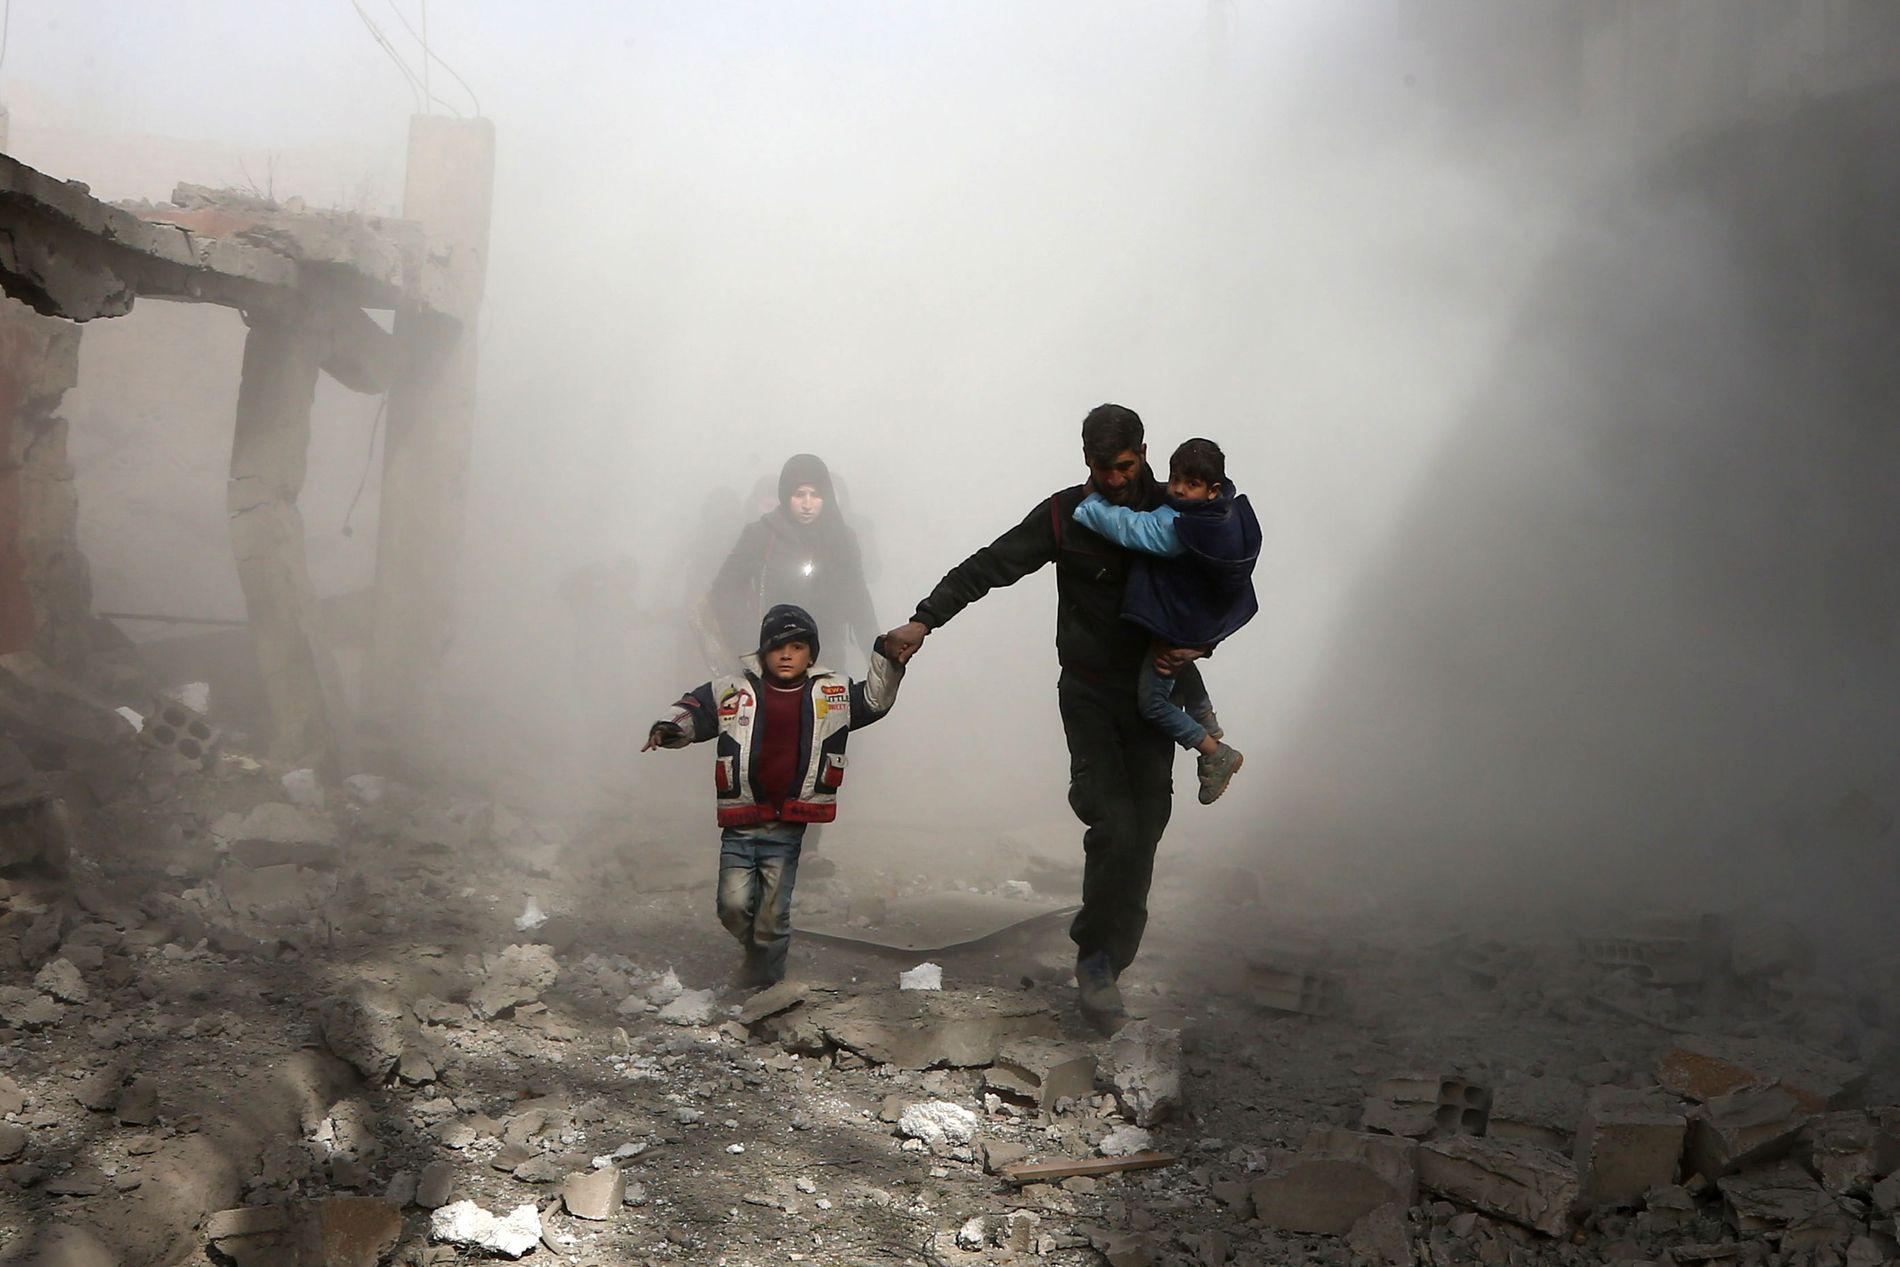 LØPER FOR LIVET: Sivile rømmer fra luftangrep i byen Jisreen i Øst-Ghouta 8. februar.